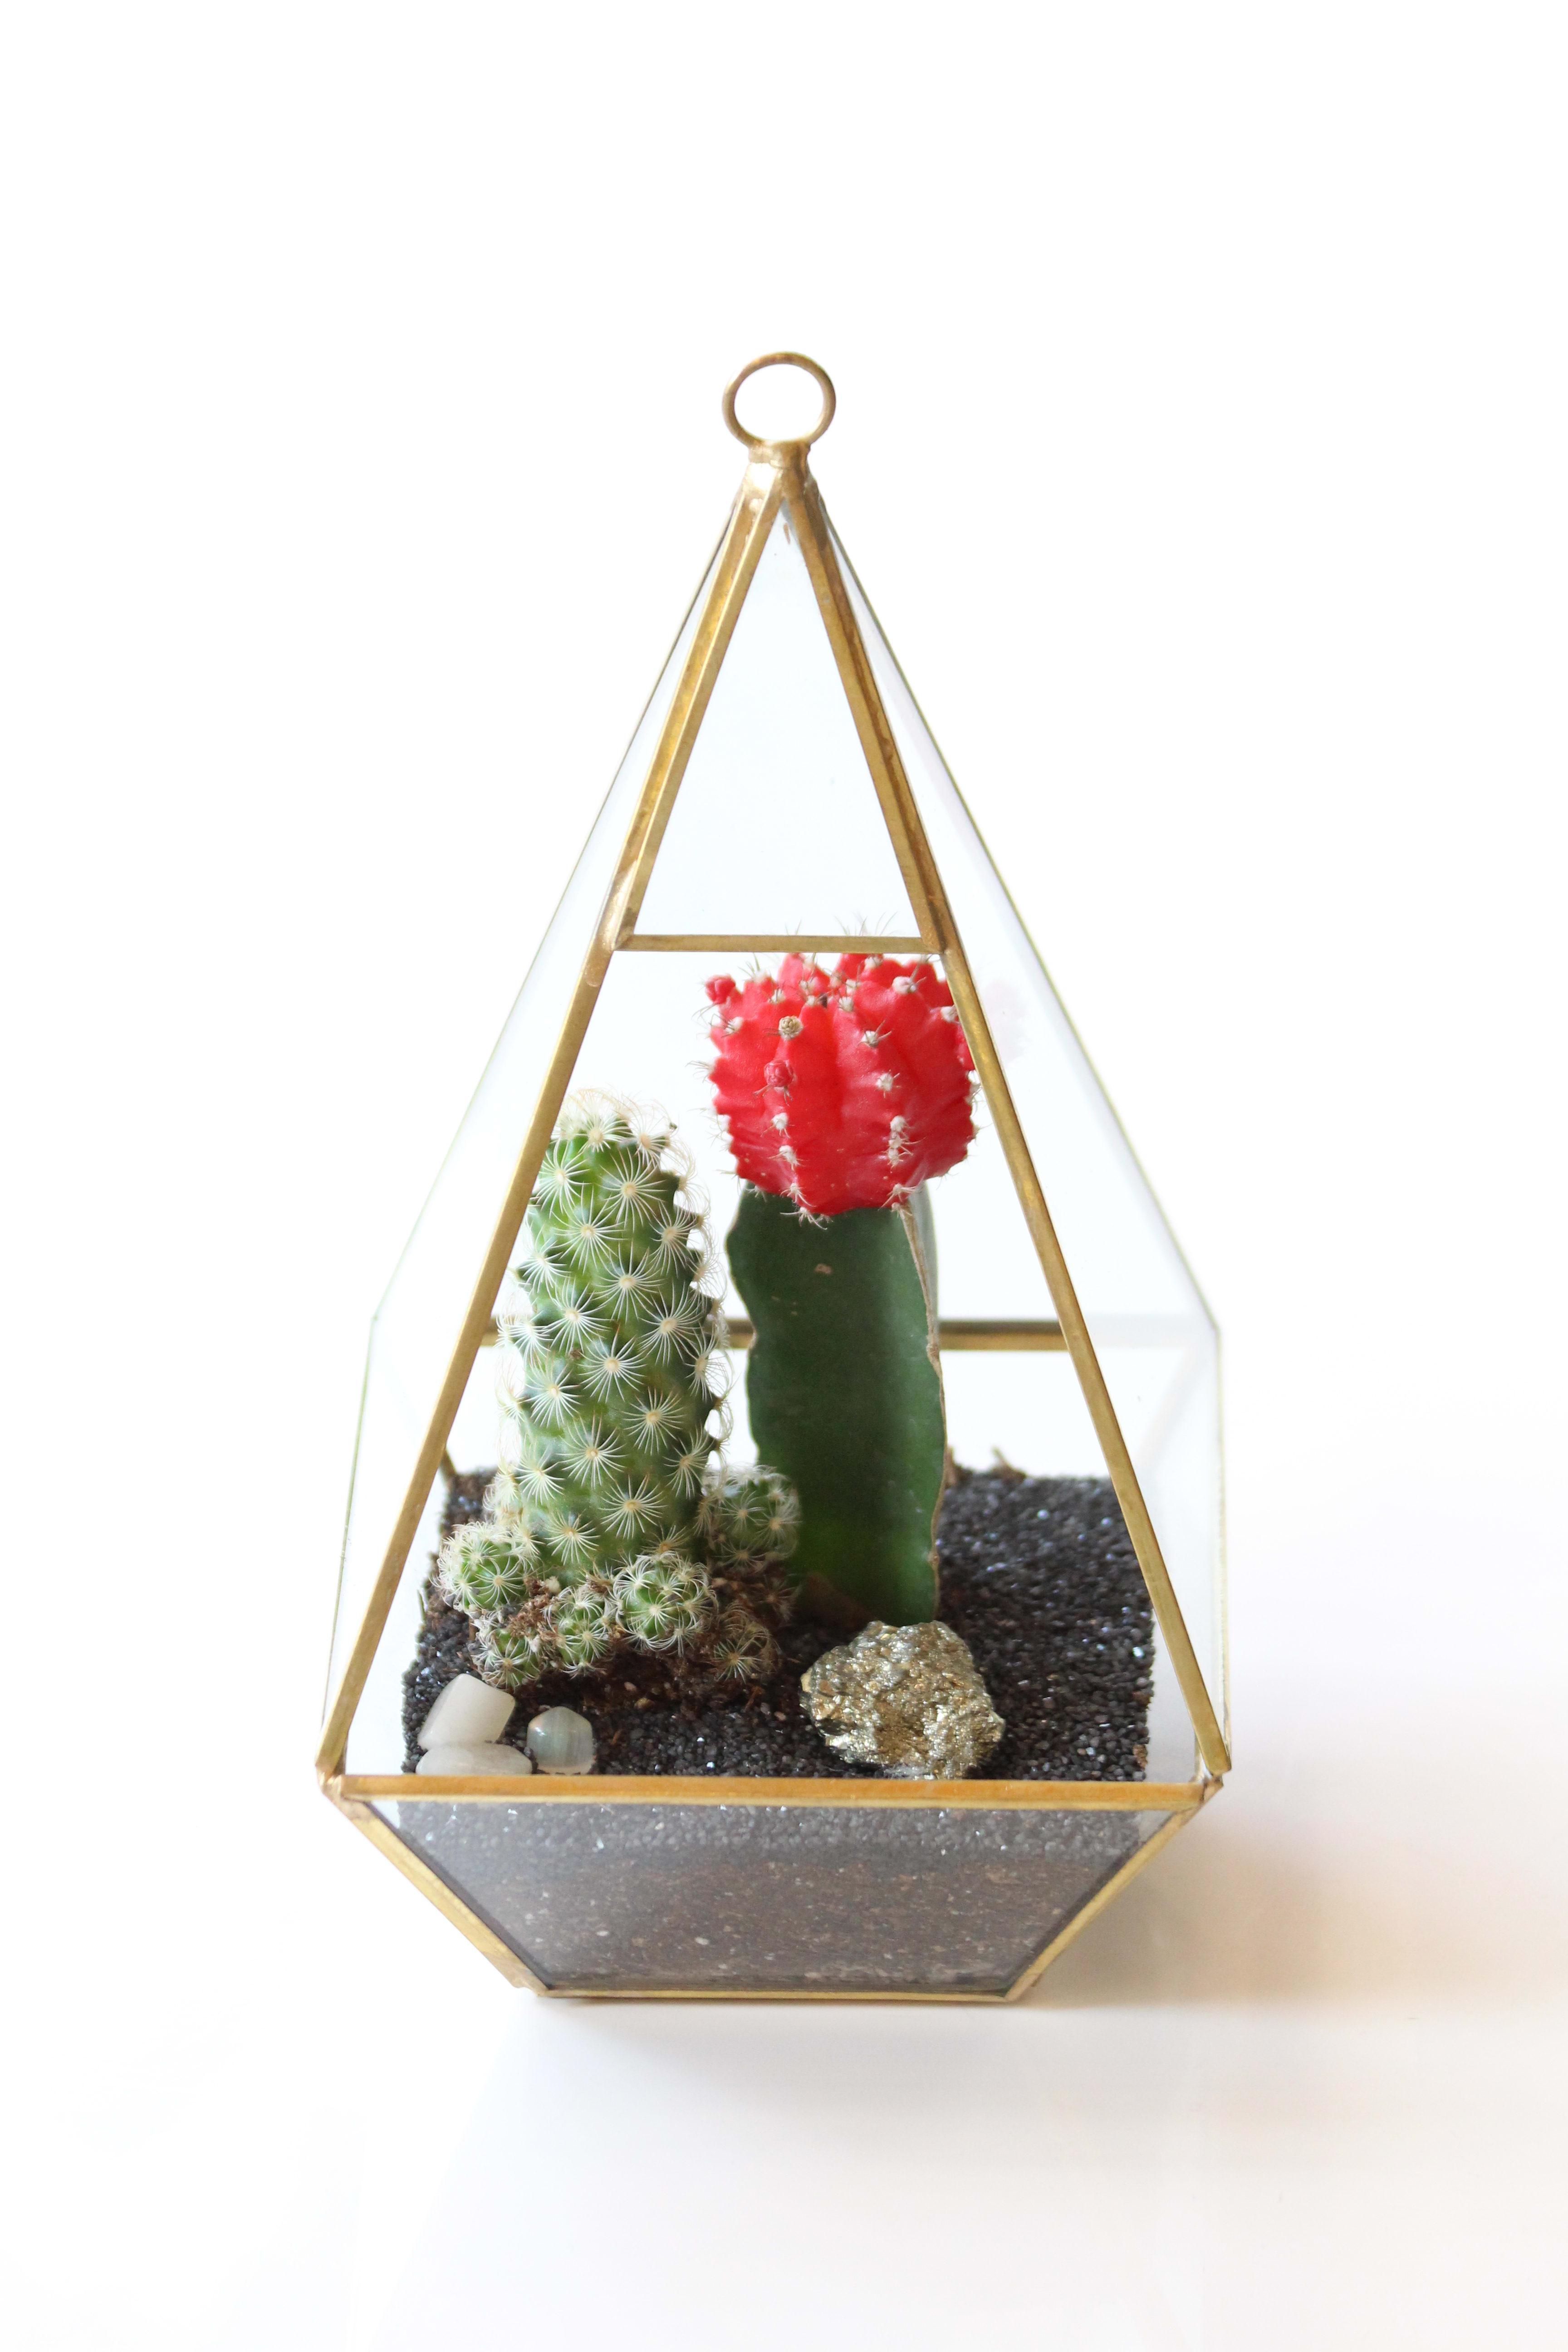 Geometric Terrarium Pyramid In Arcadia Ca Md S Florist